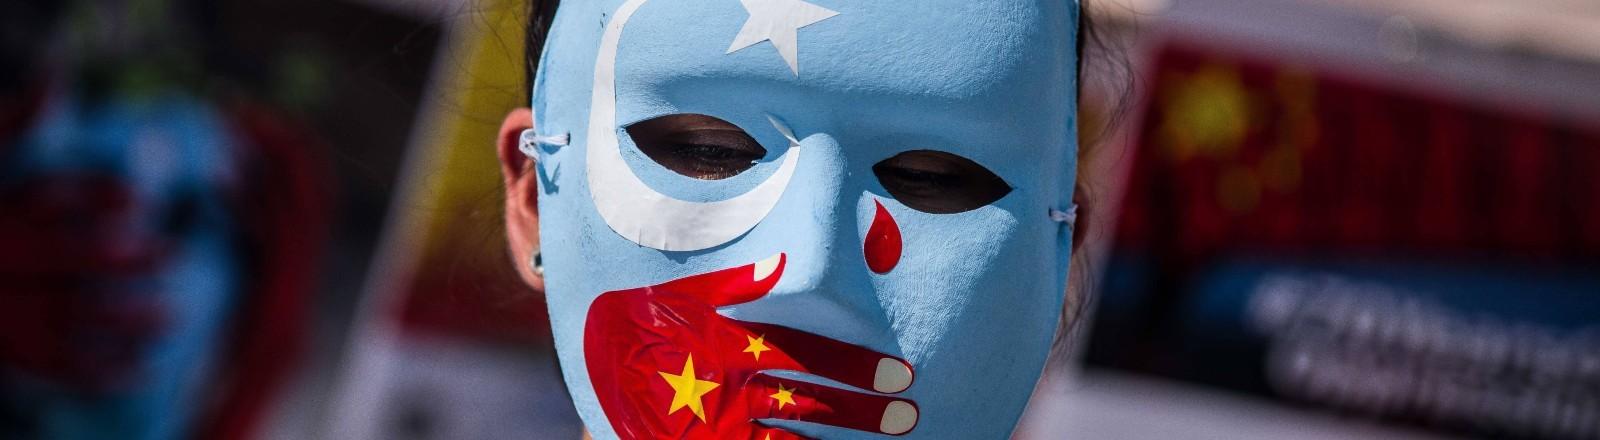 Eine Person trägt eine Maske, auf der die Flagge der uigurischen Unabhängigkeitsbewegung zu sehen ist und die chinesische Flagge.